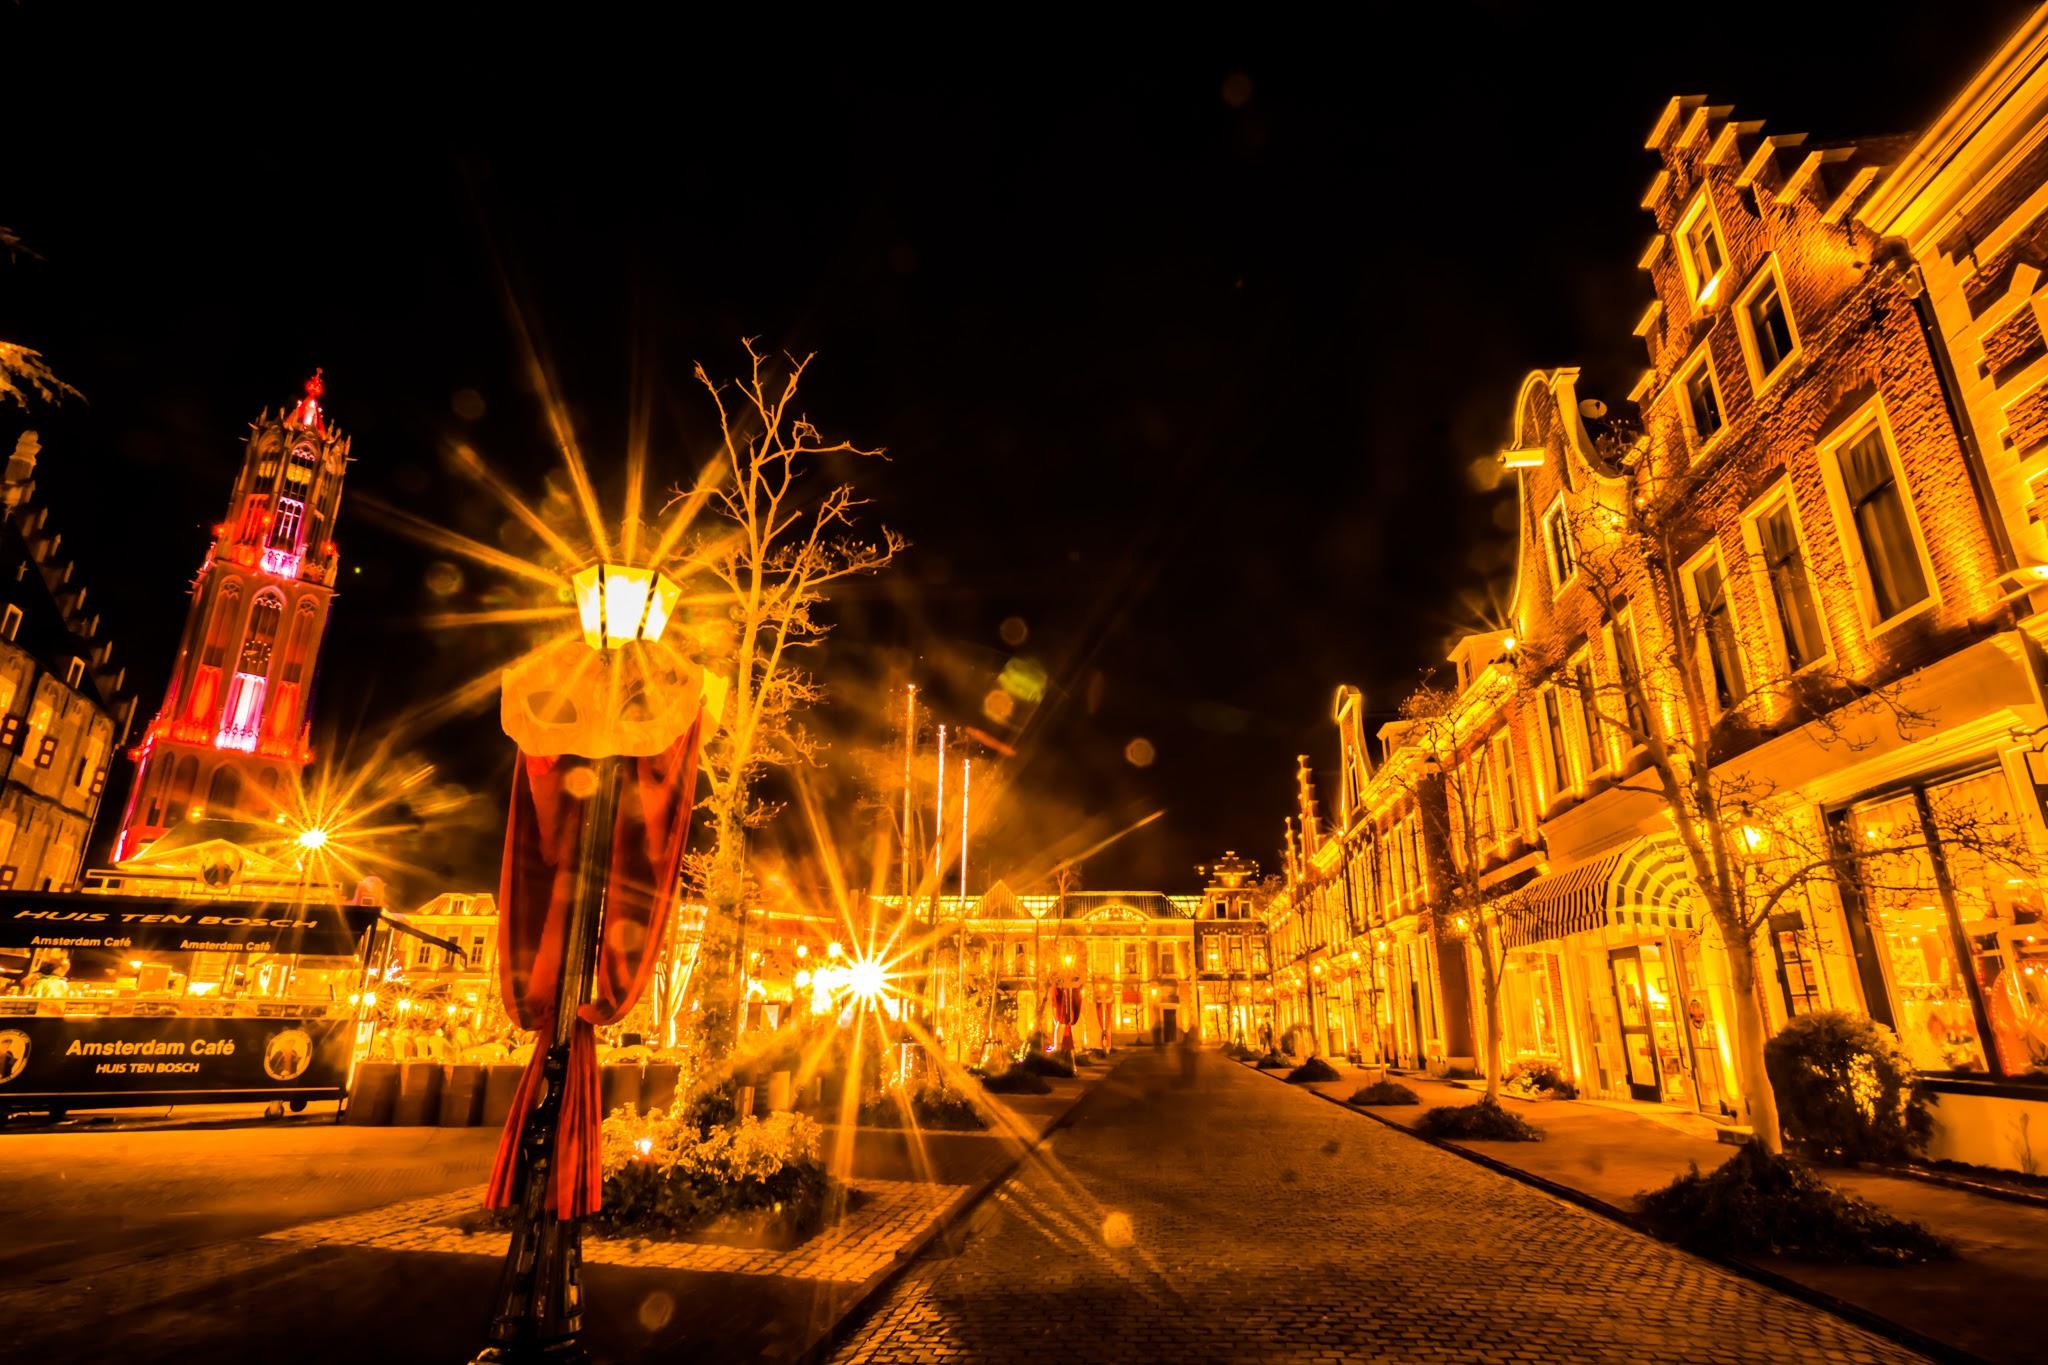 ハウステンボス イルミネーション 光の王国 アムステルダムシティ6